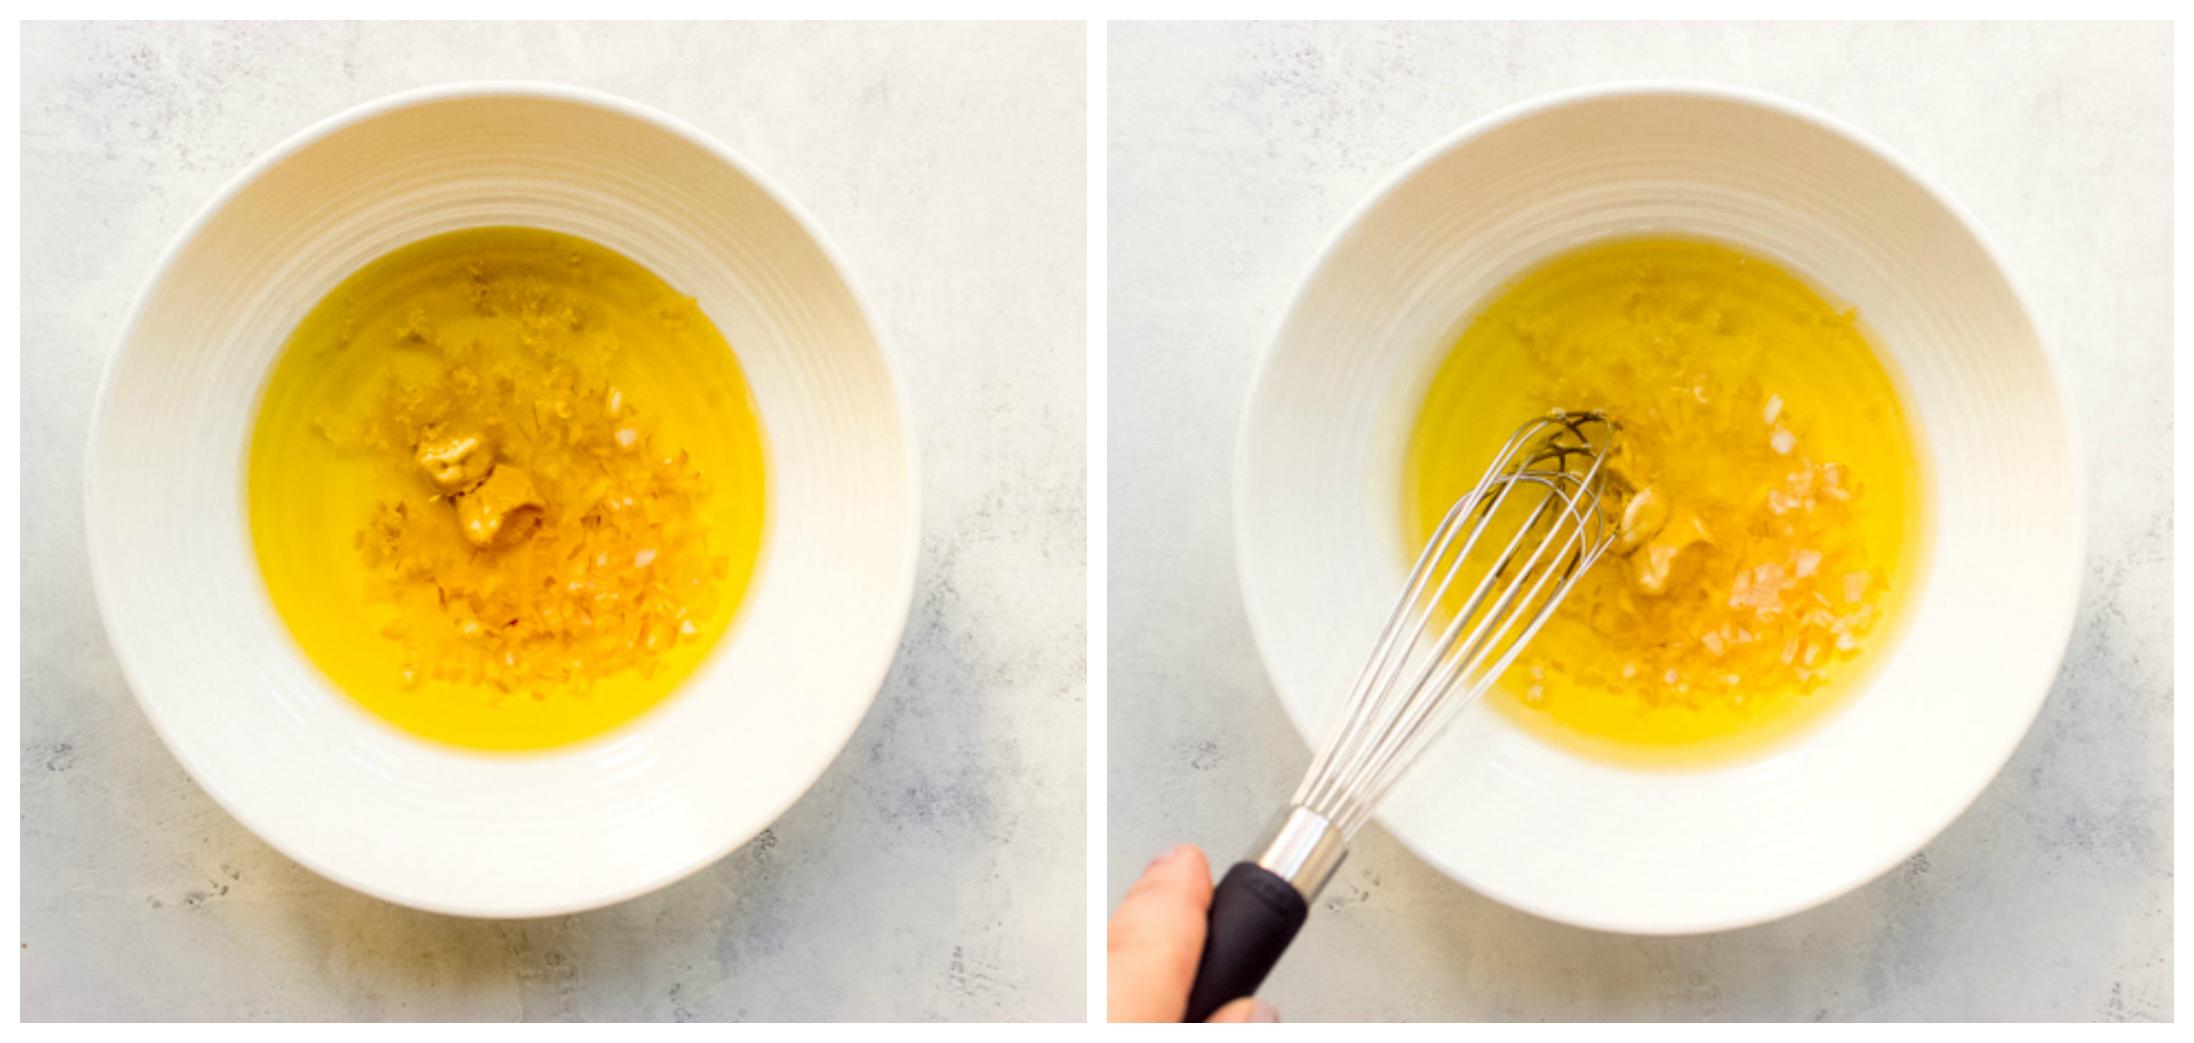 lemon vinaigrette in a bowl